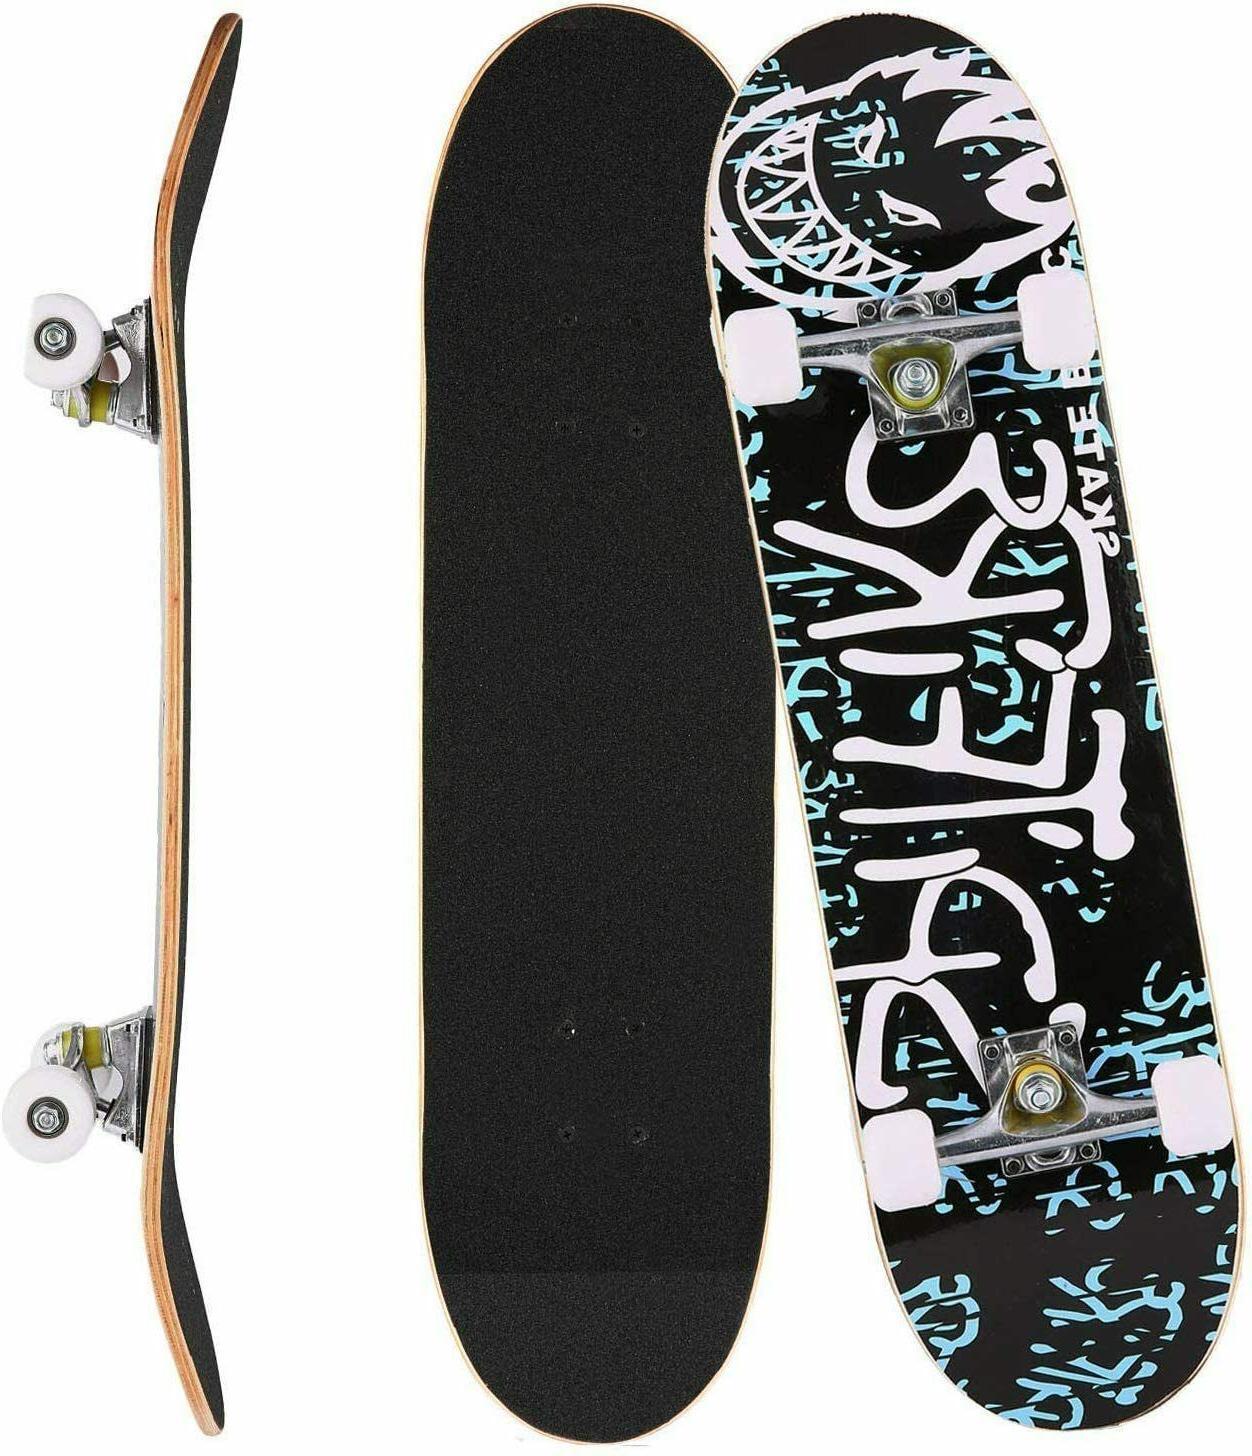 Pro Skateboards Size Skateboard